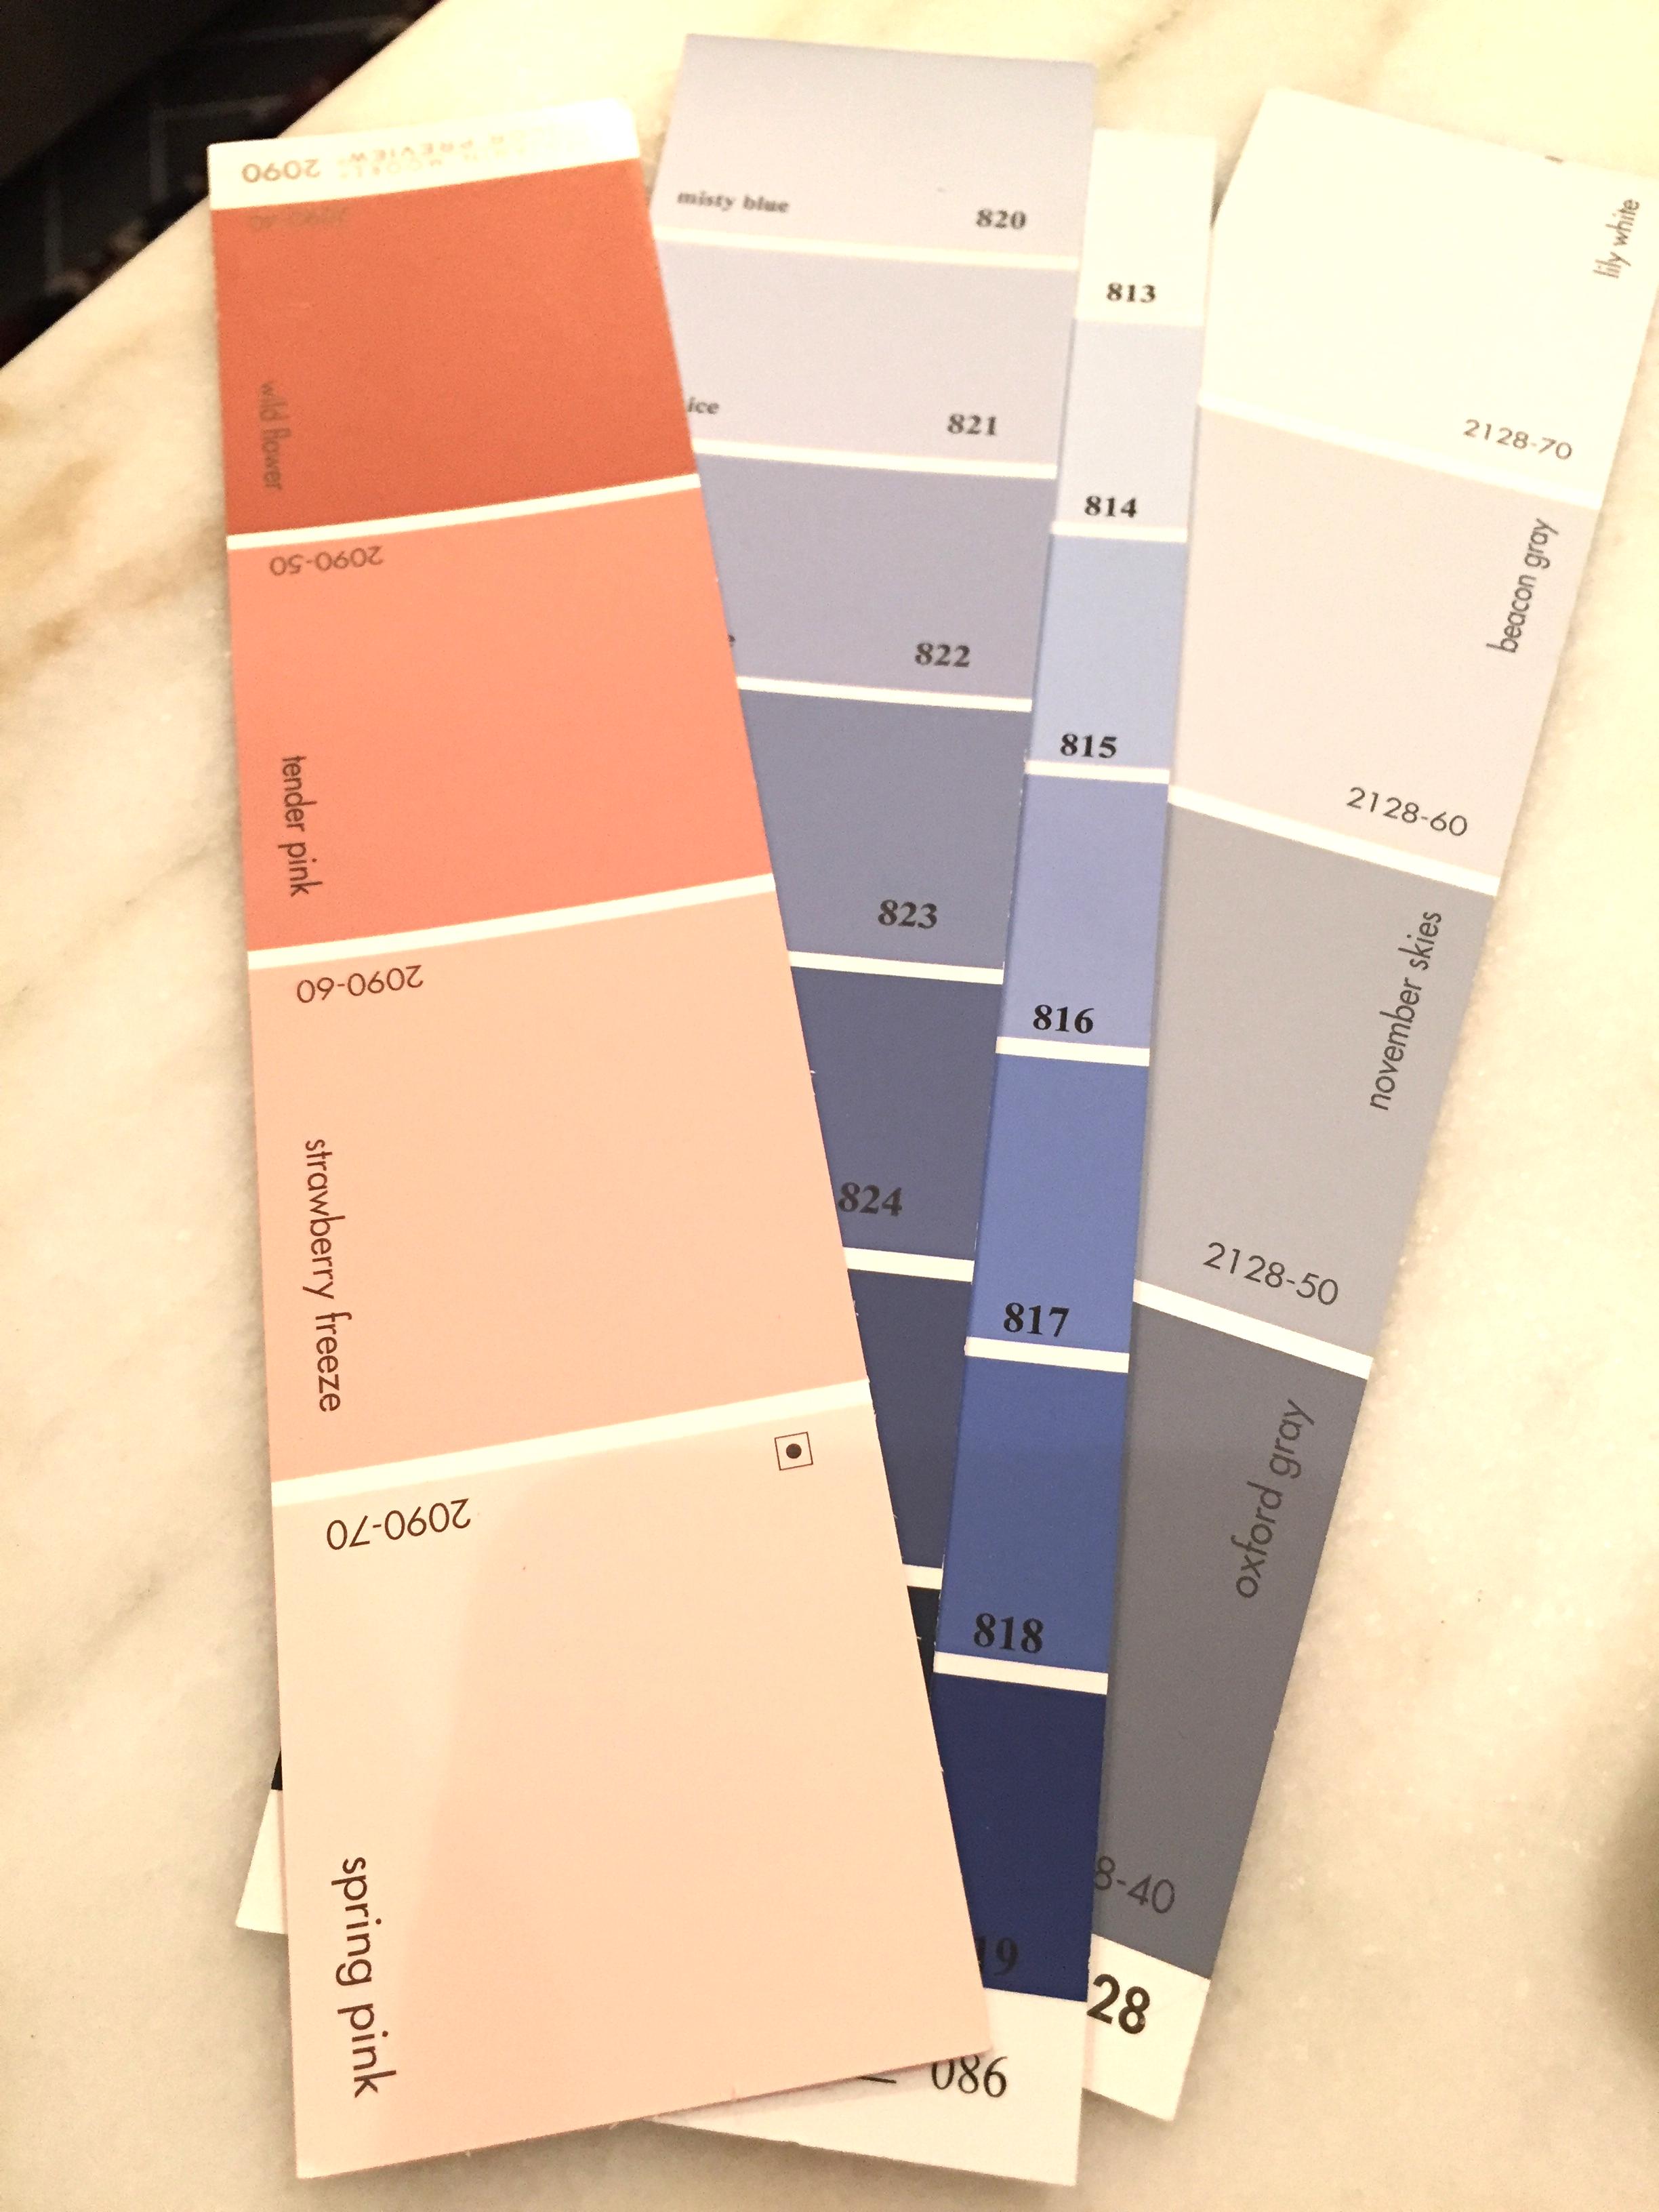 Benjamin Moore color card